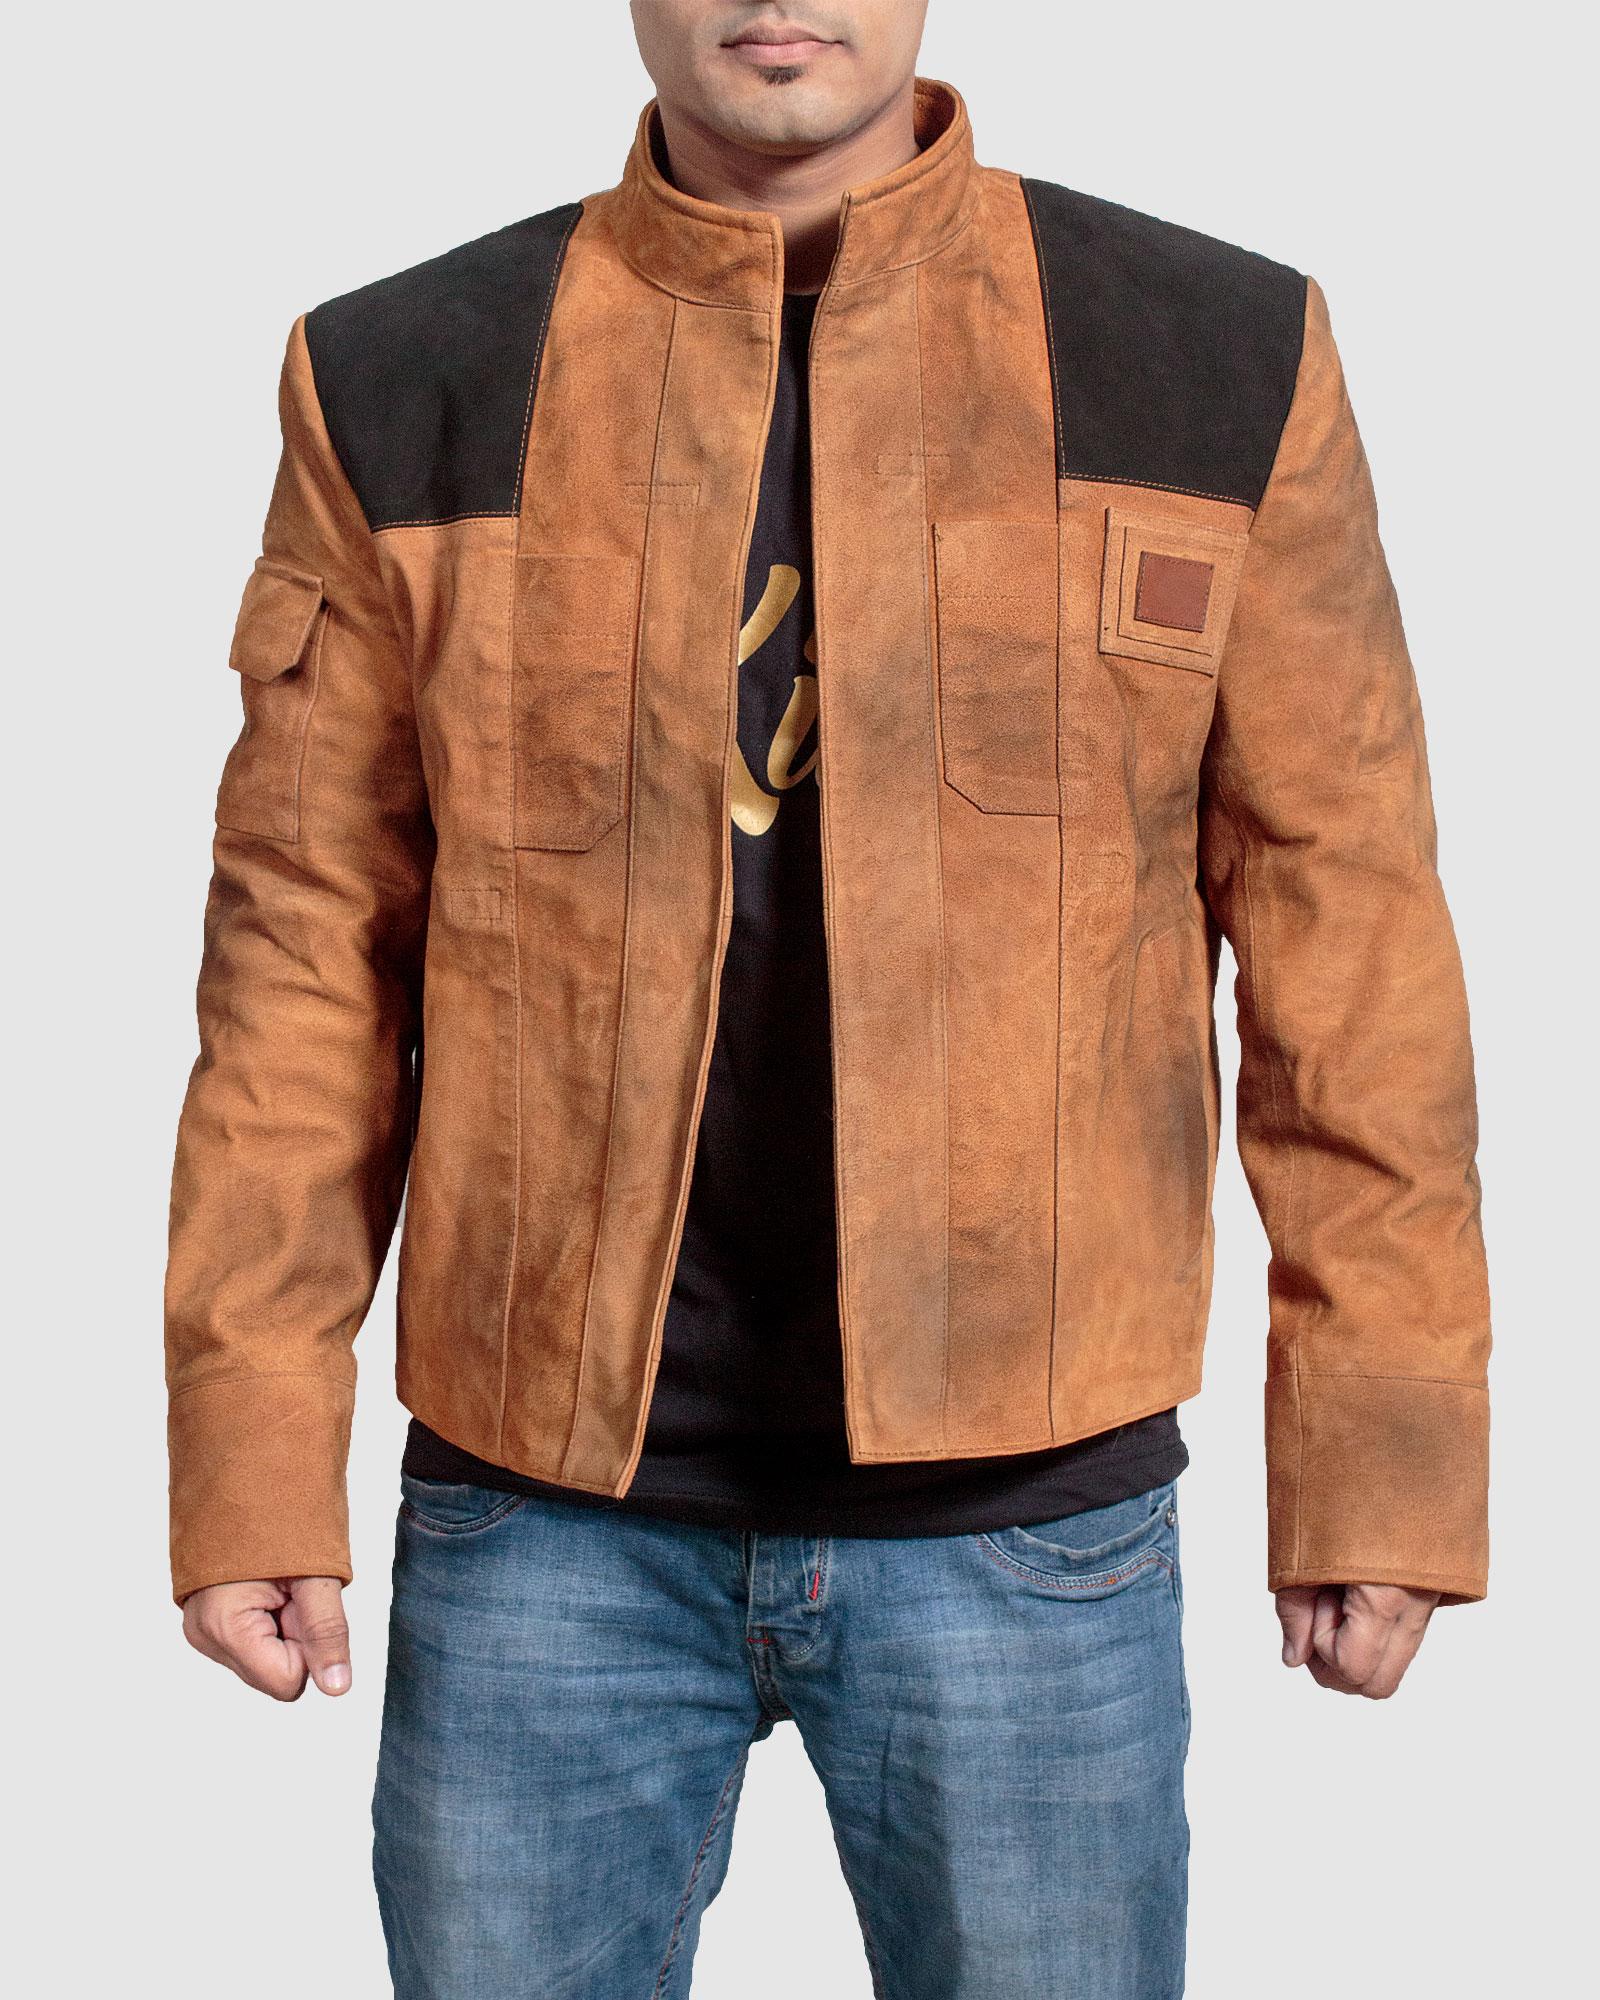 alden-ehrenreich-han-solo-jacket-a